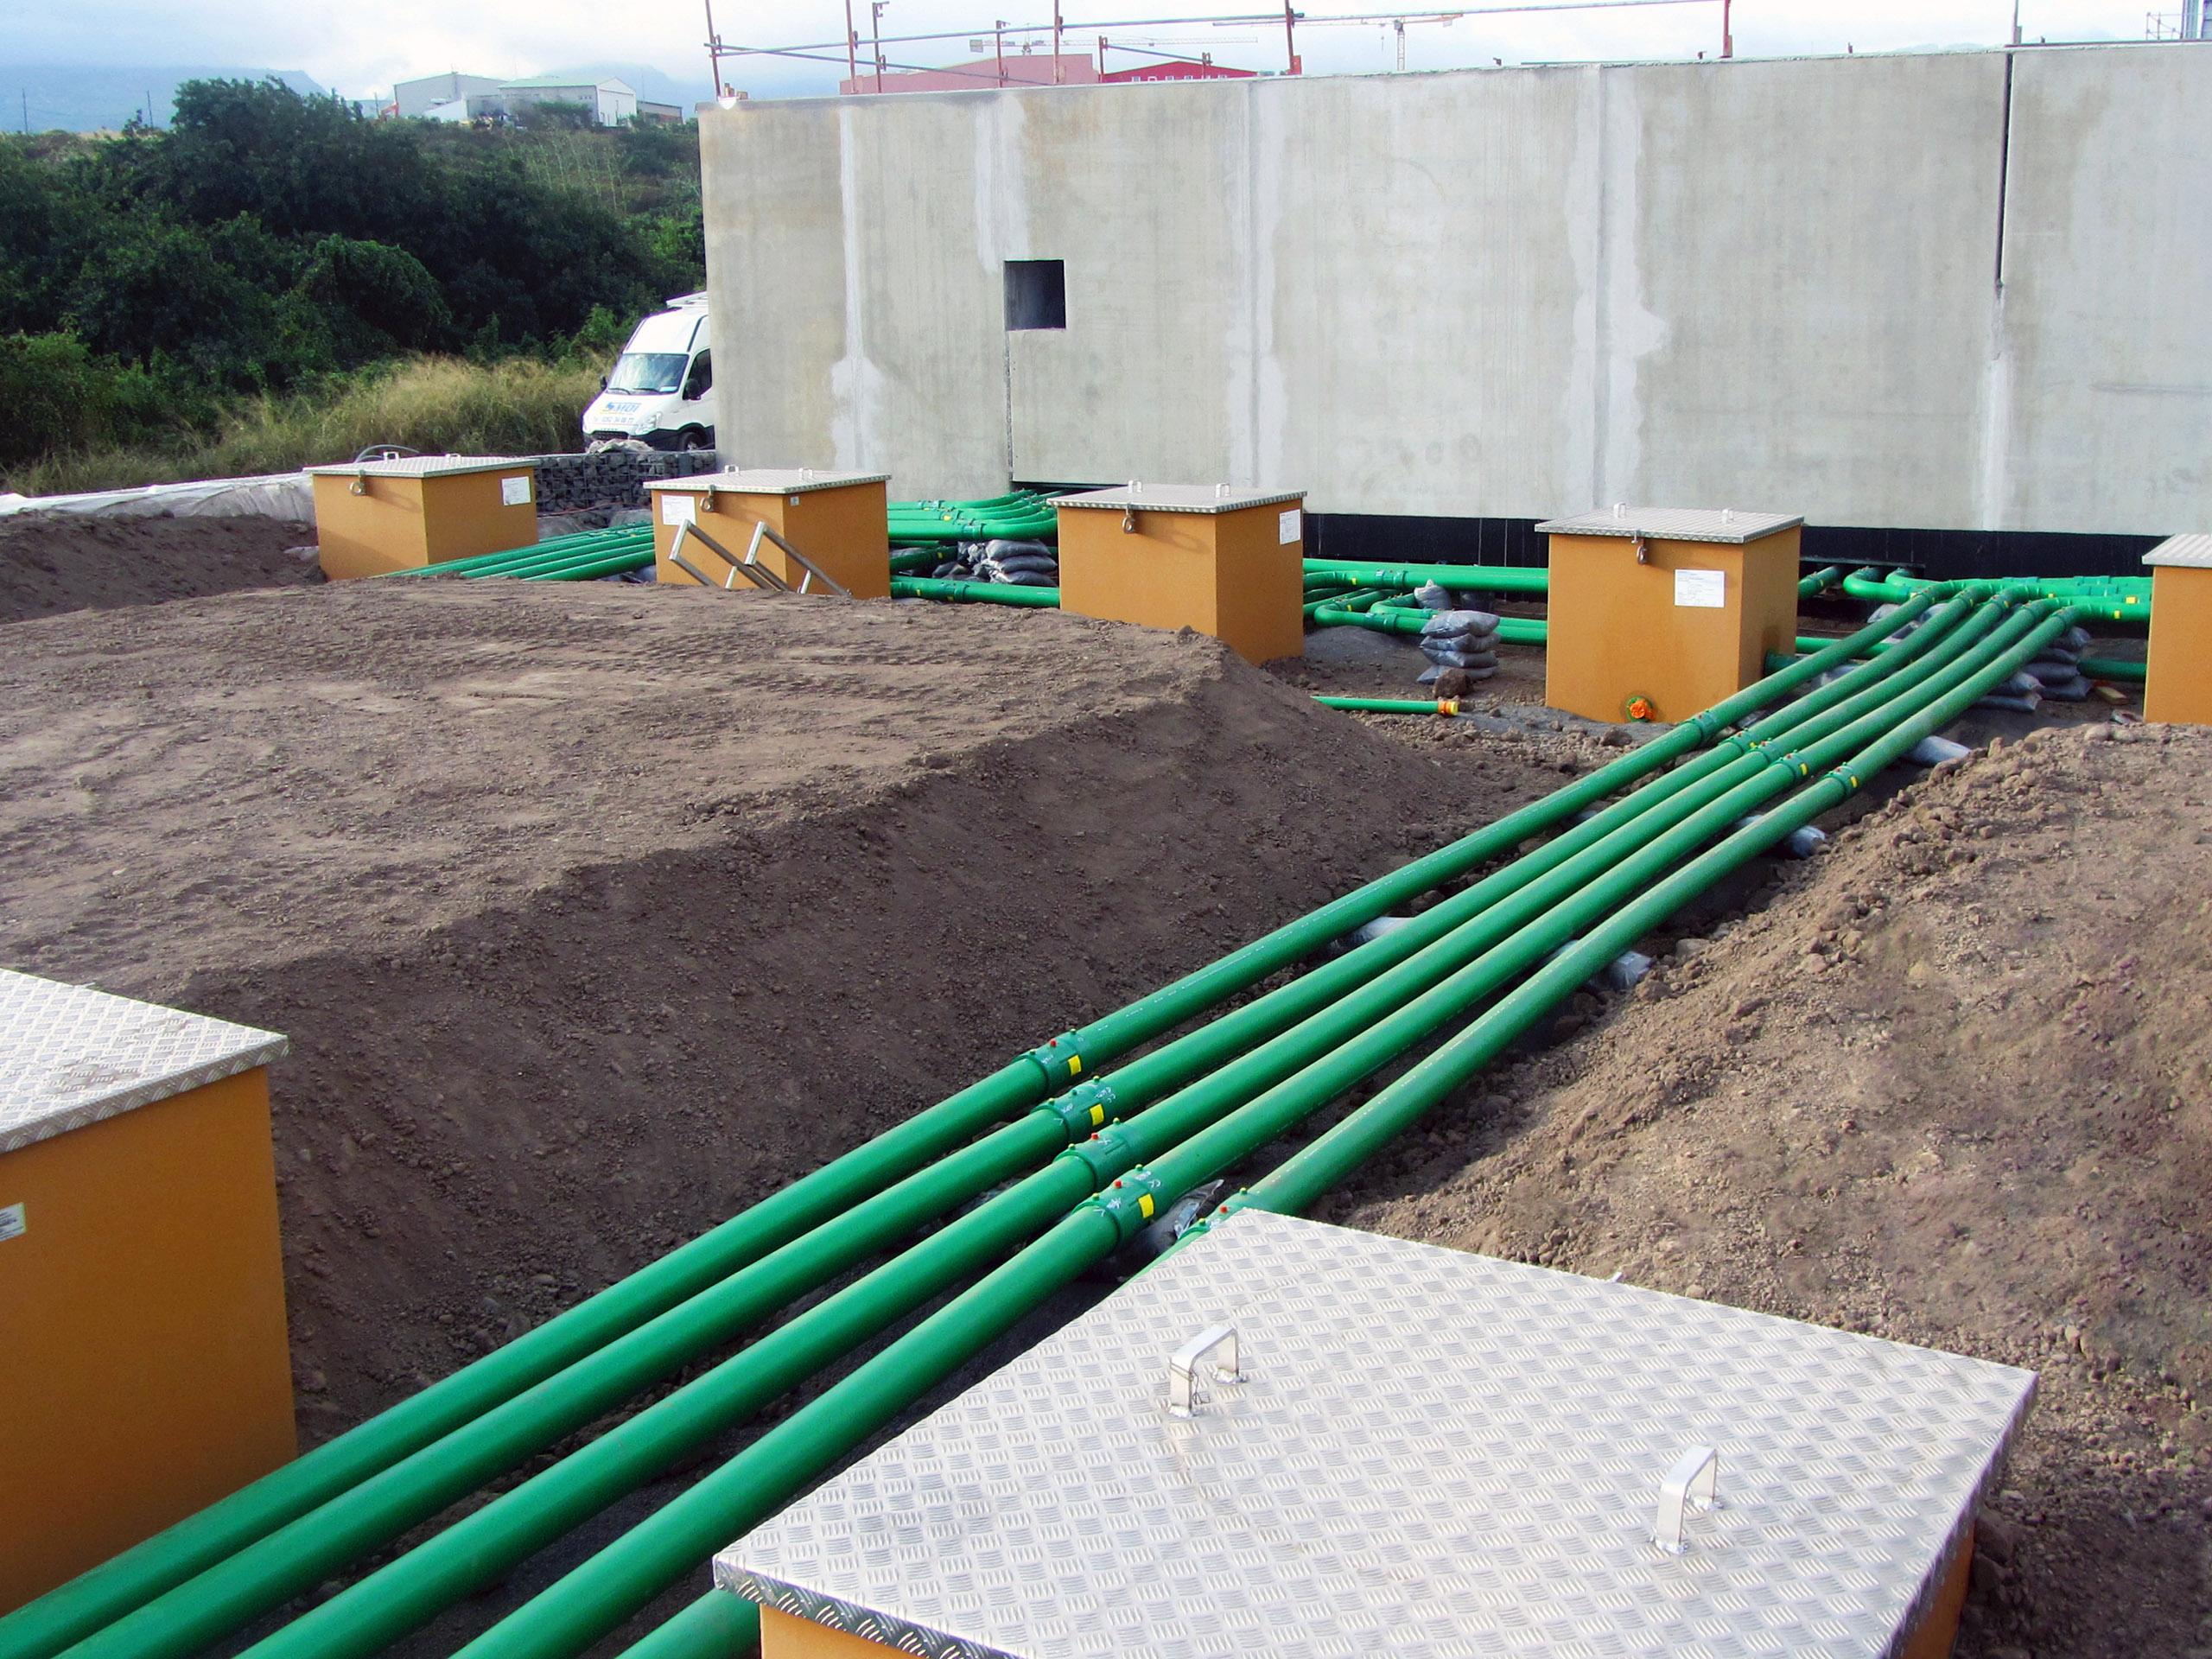 Les tuyaux KPS sont conducteurs et évitent la création et l'accumulation des charges électrostatiques.